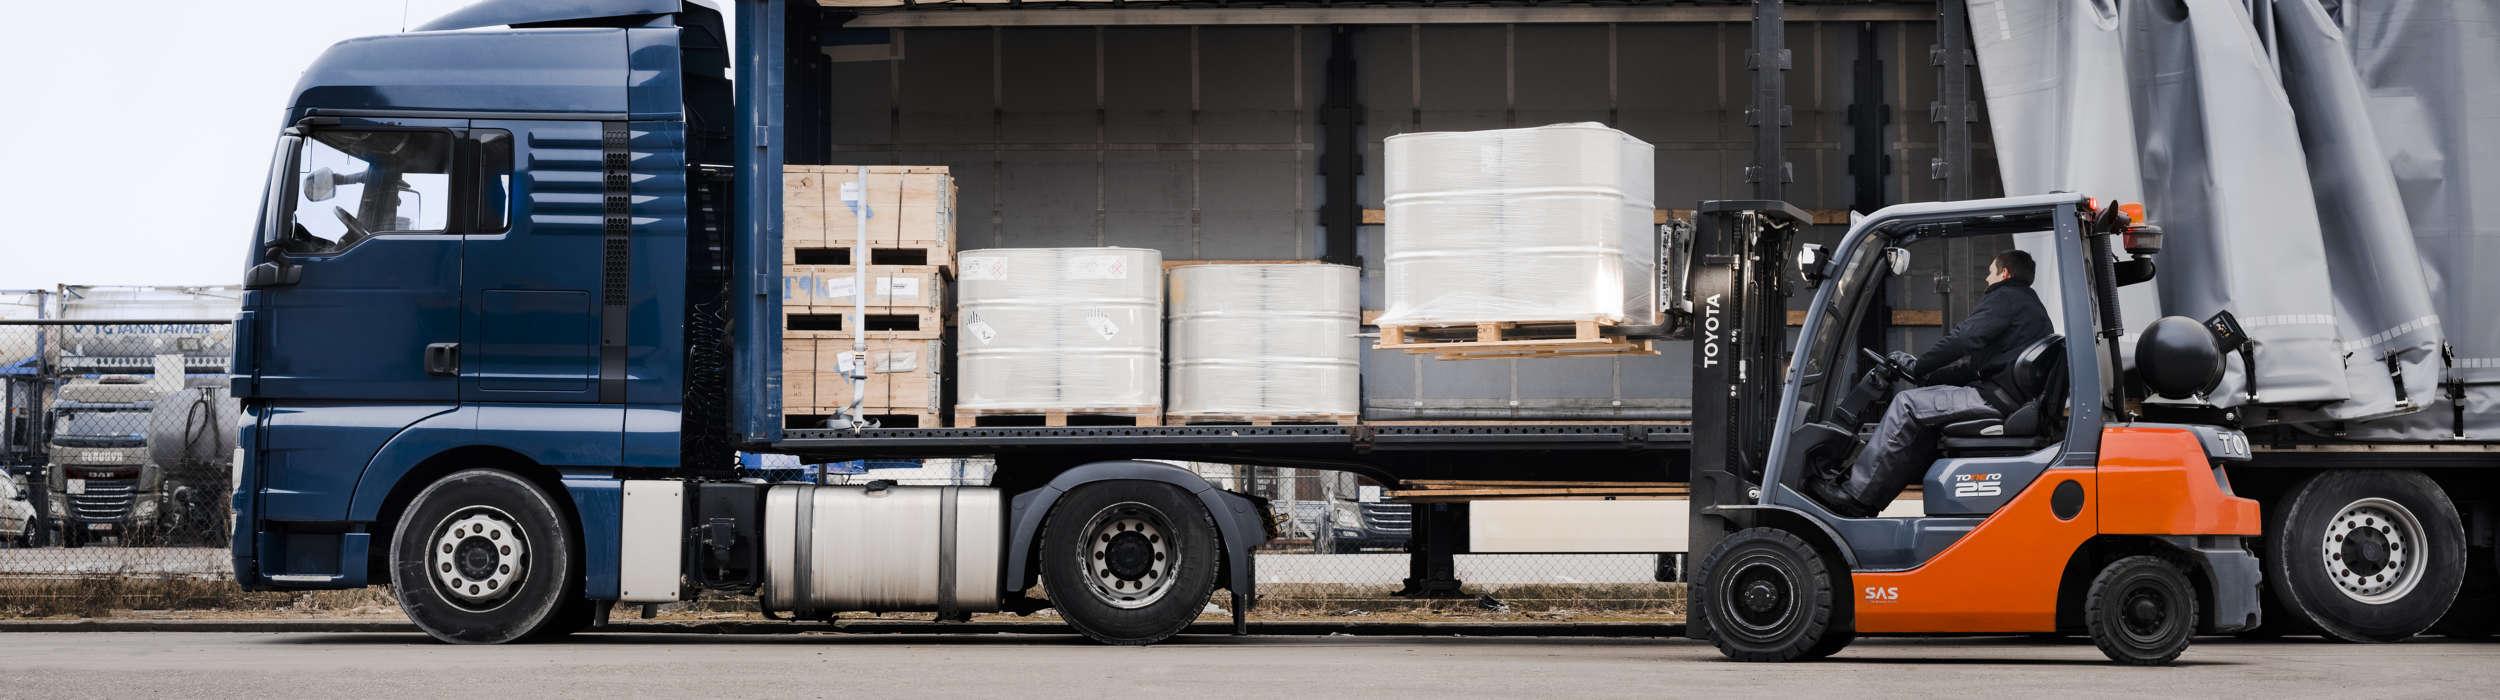 Carretilla contrapesada Tonero ayudando a descargar un camión